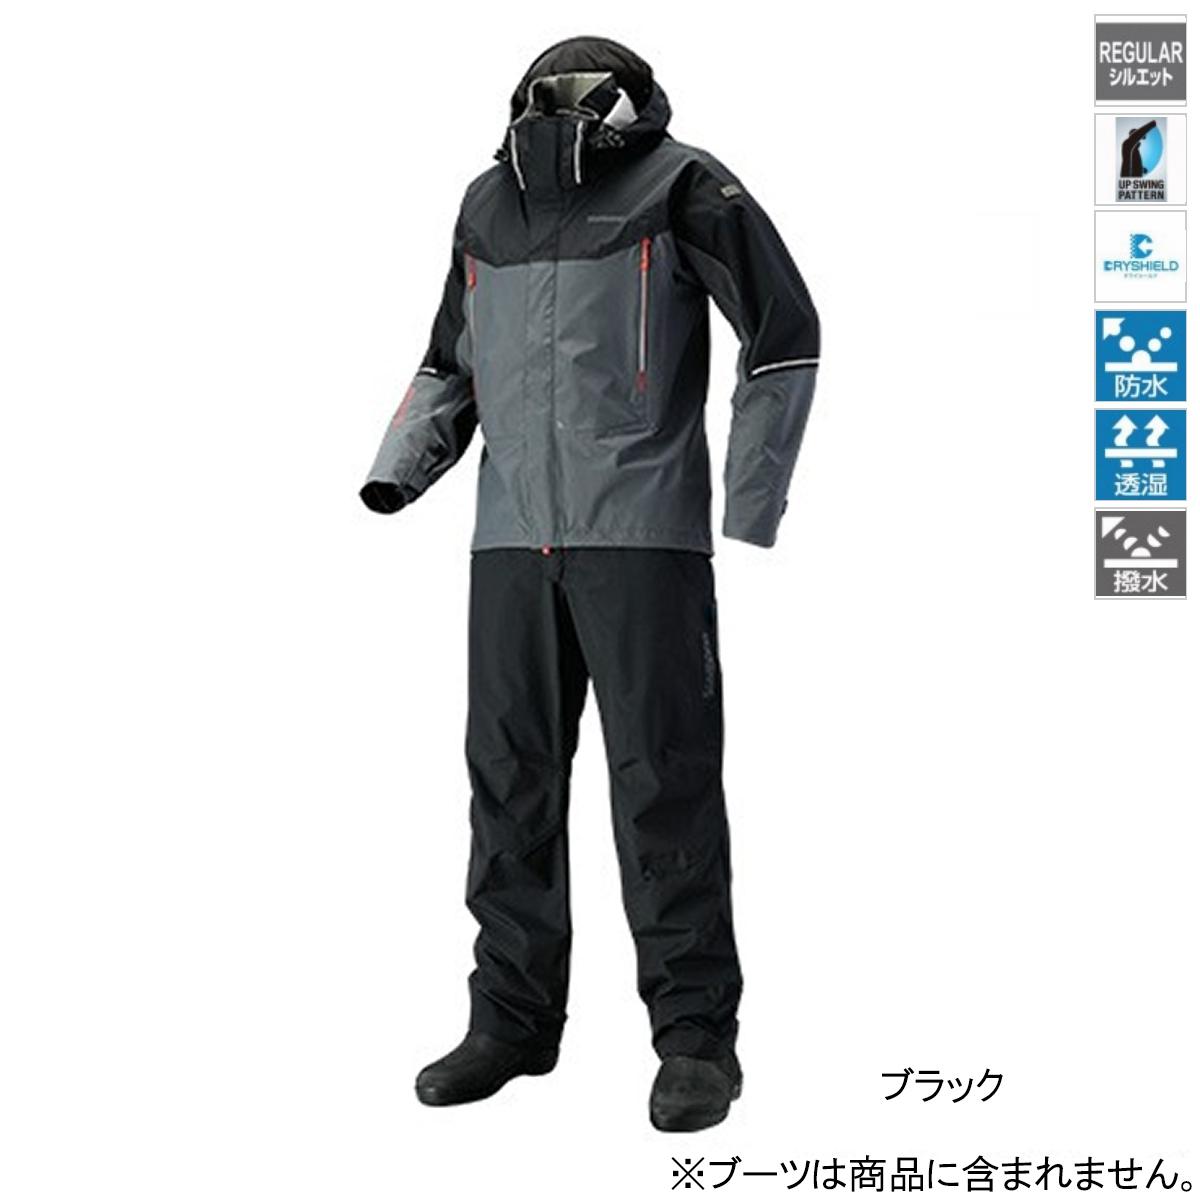 シマノ DSアドバンススーツ RA-025S 2XL ブラック